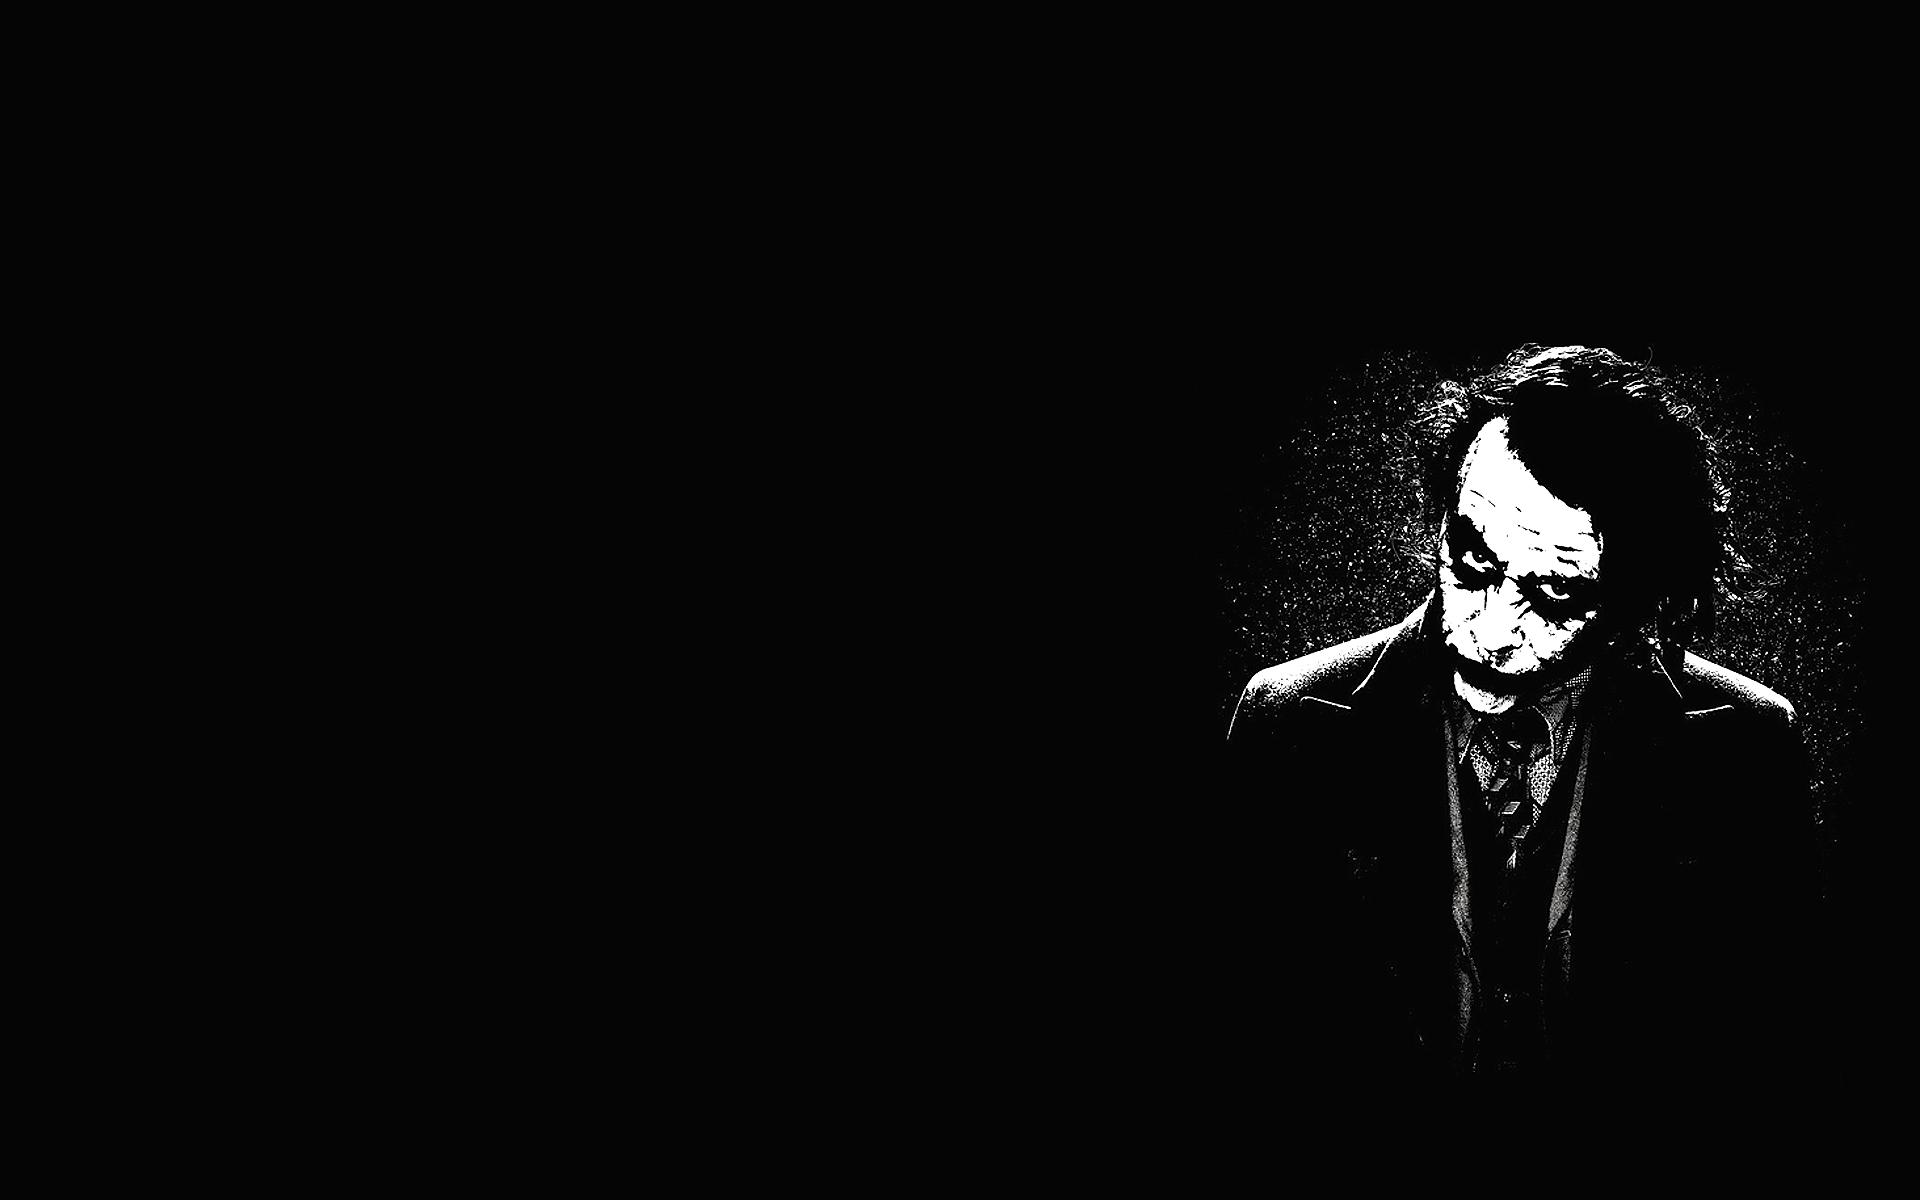 Joker Wallpapers Dark Knight HD 58642 12349 Wallpaper